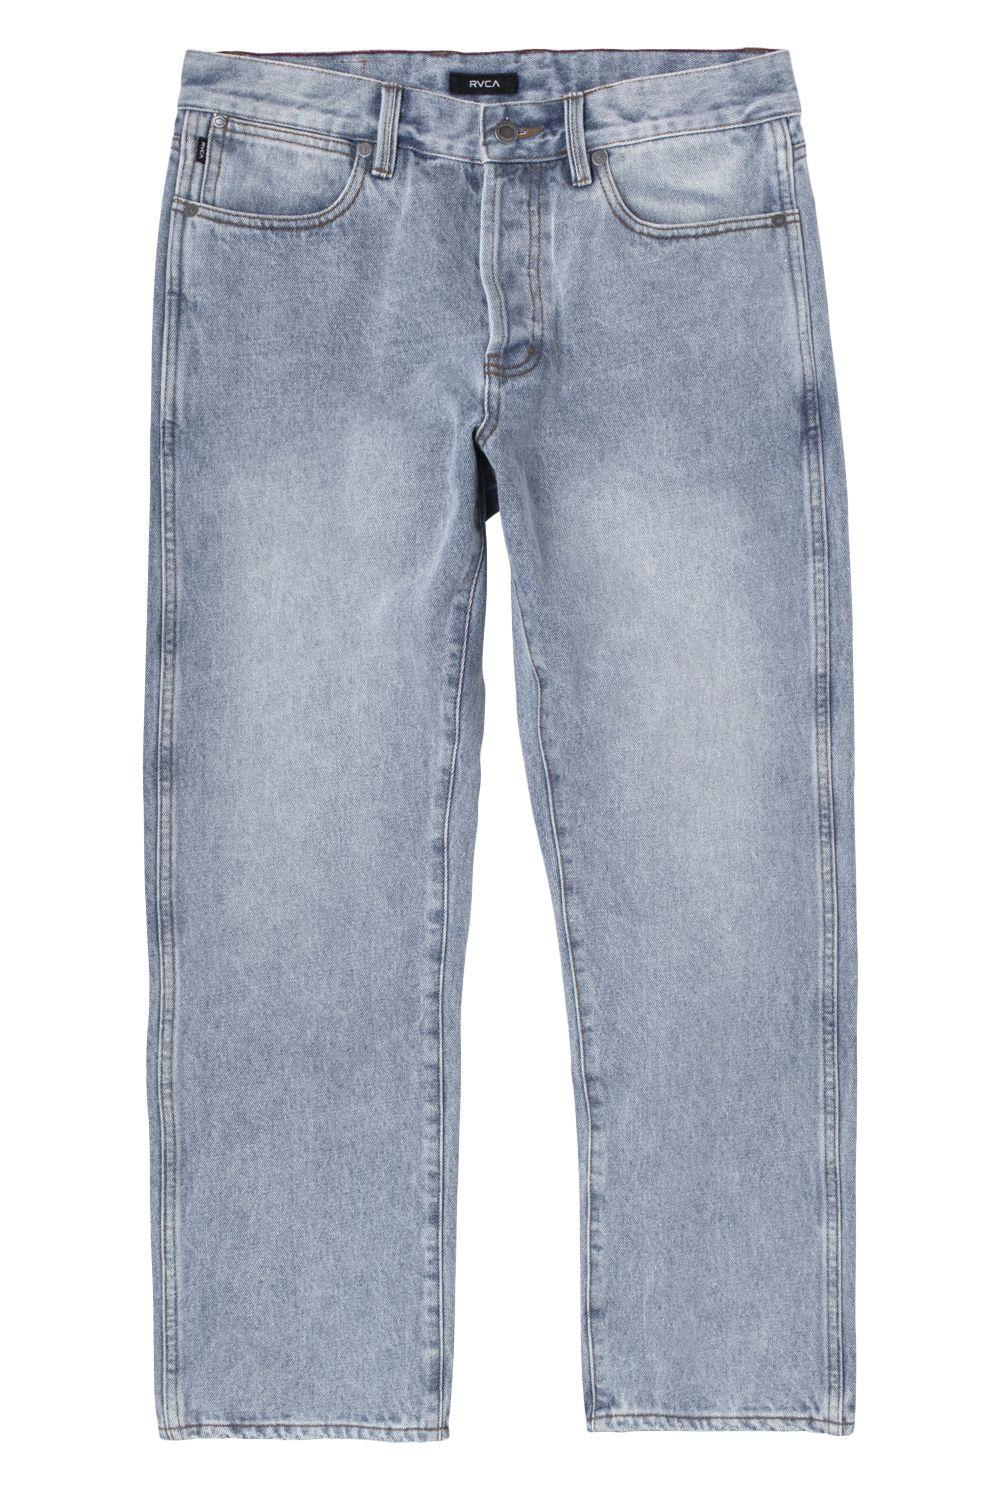 RVCA Pant Jeans NEW DAWN DENIM Stone Blue